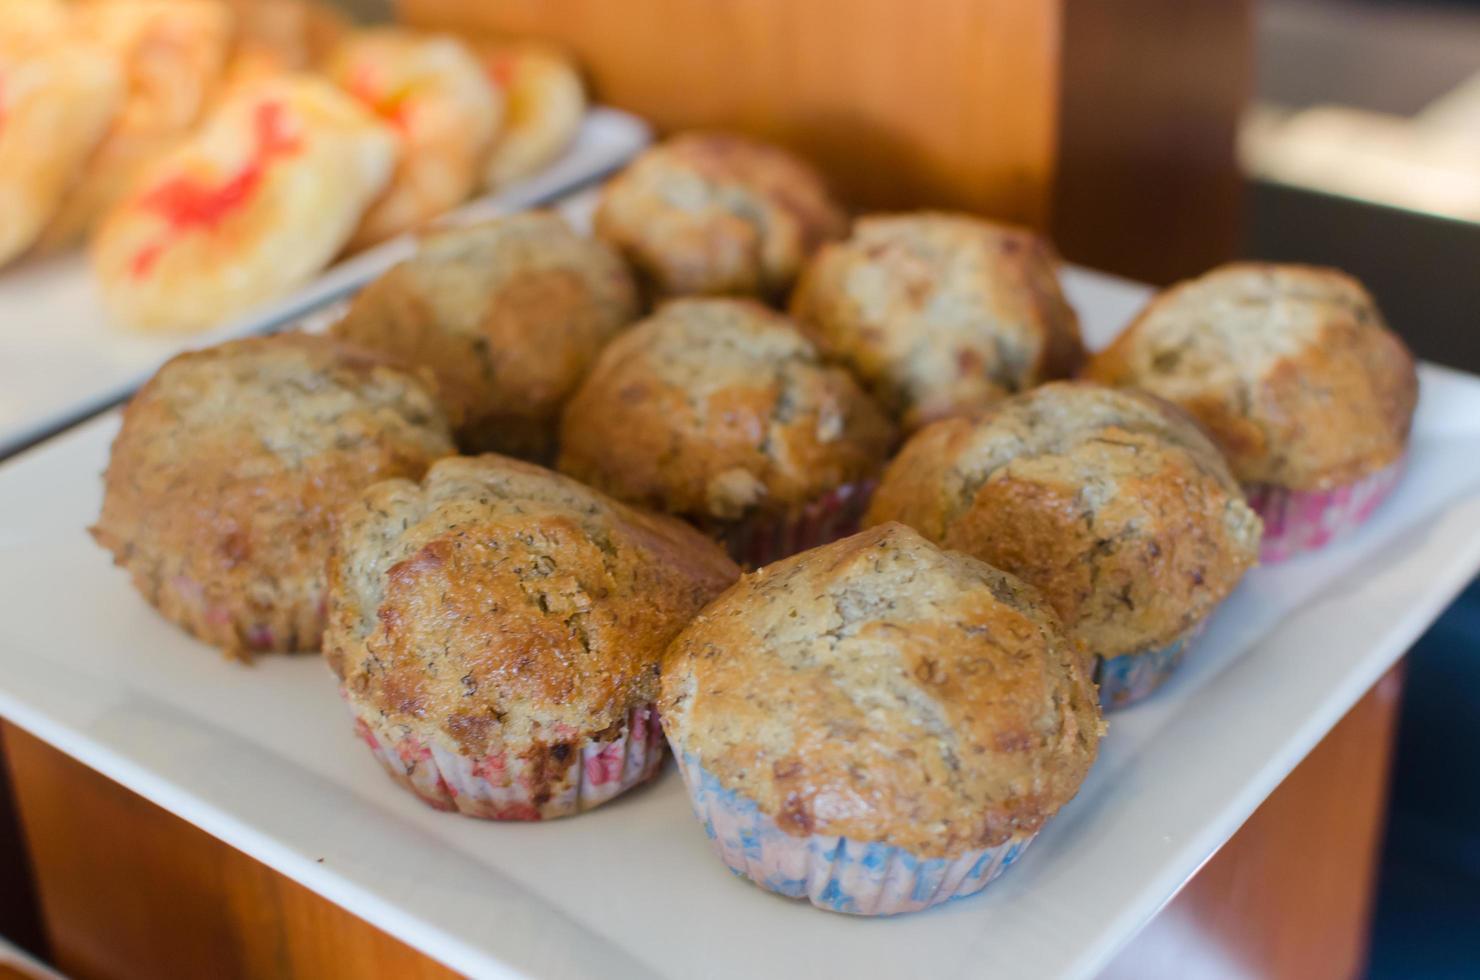 muffins aux bananes sur une assiette photo